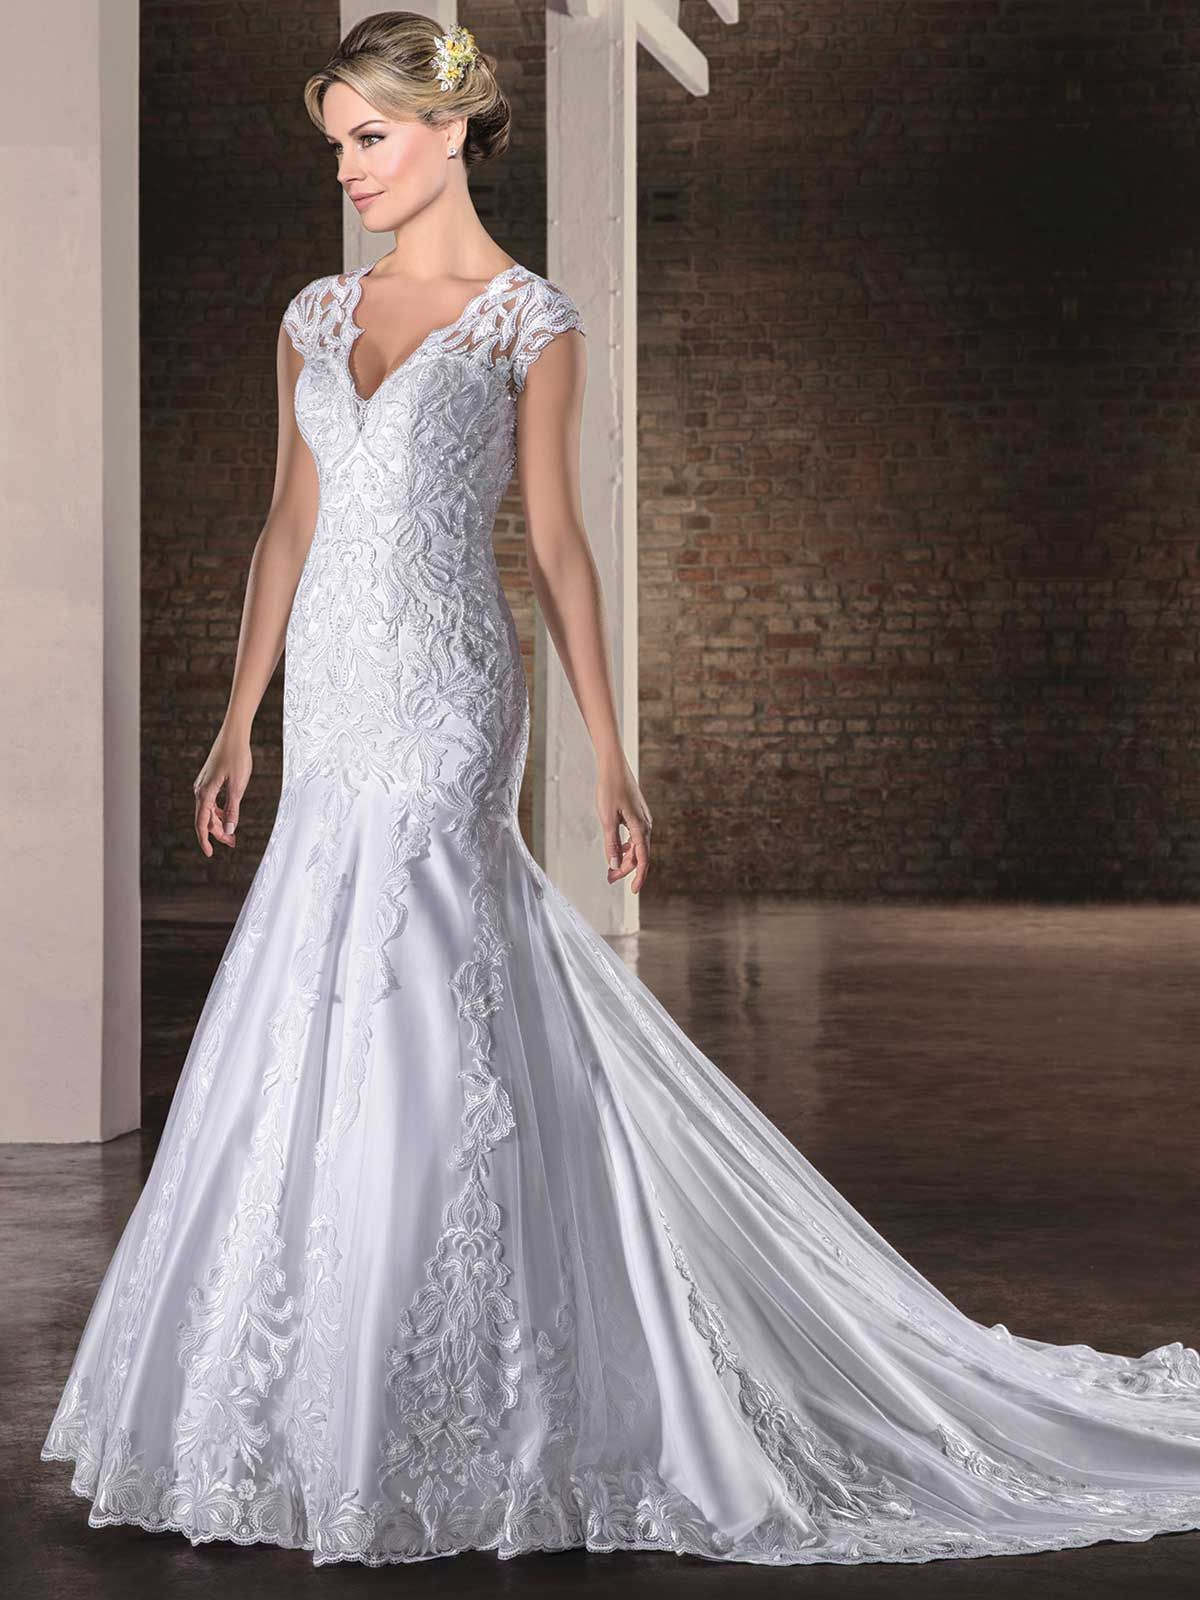 Dallas vestidosdenoiva novacoleção noiva bride casamento